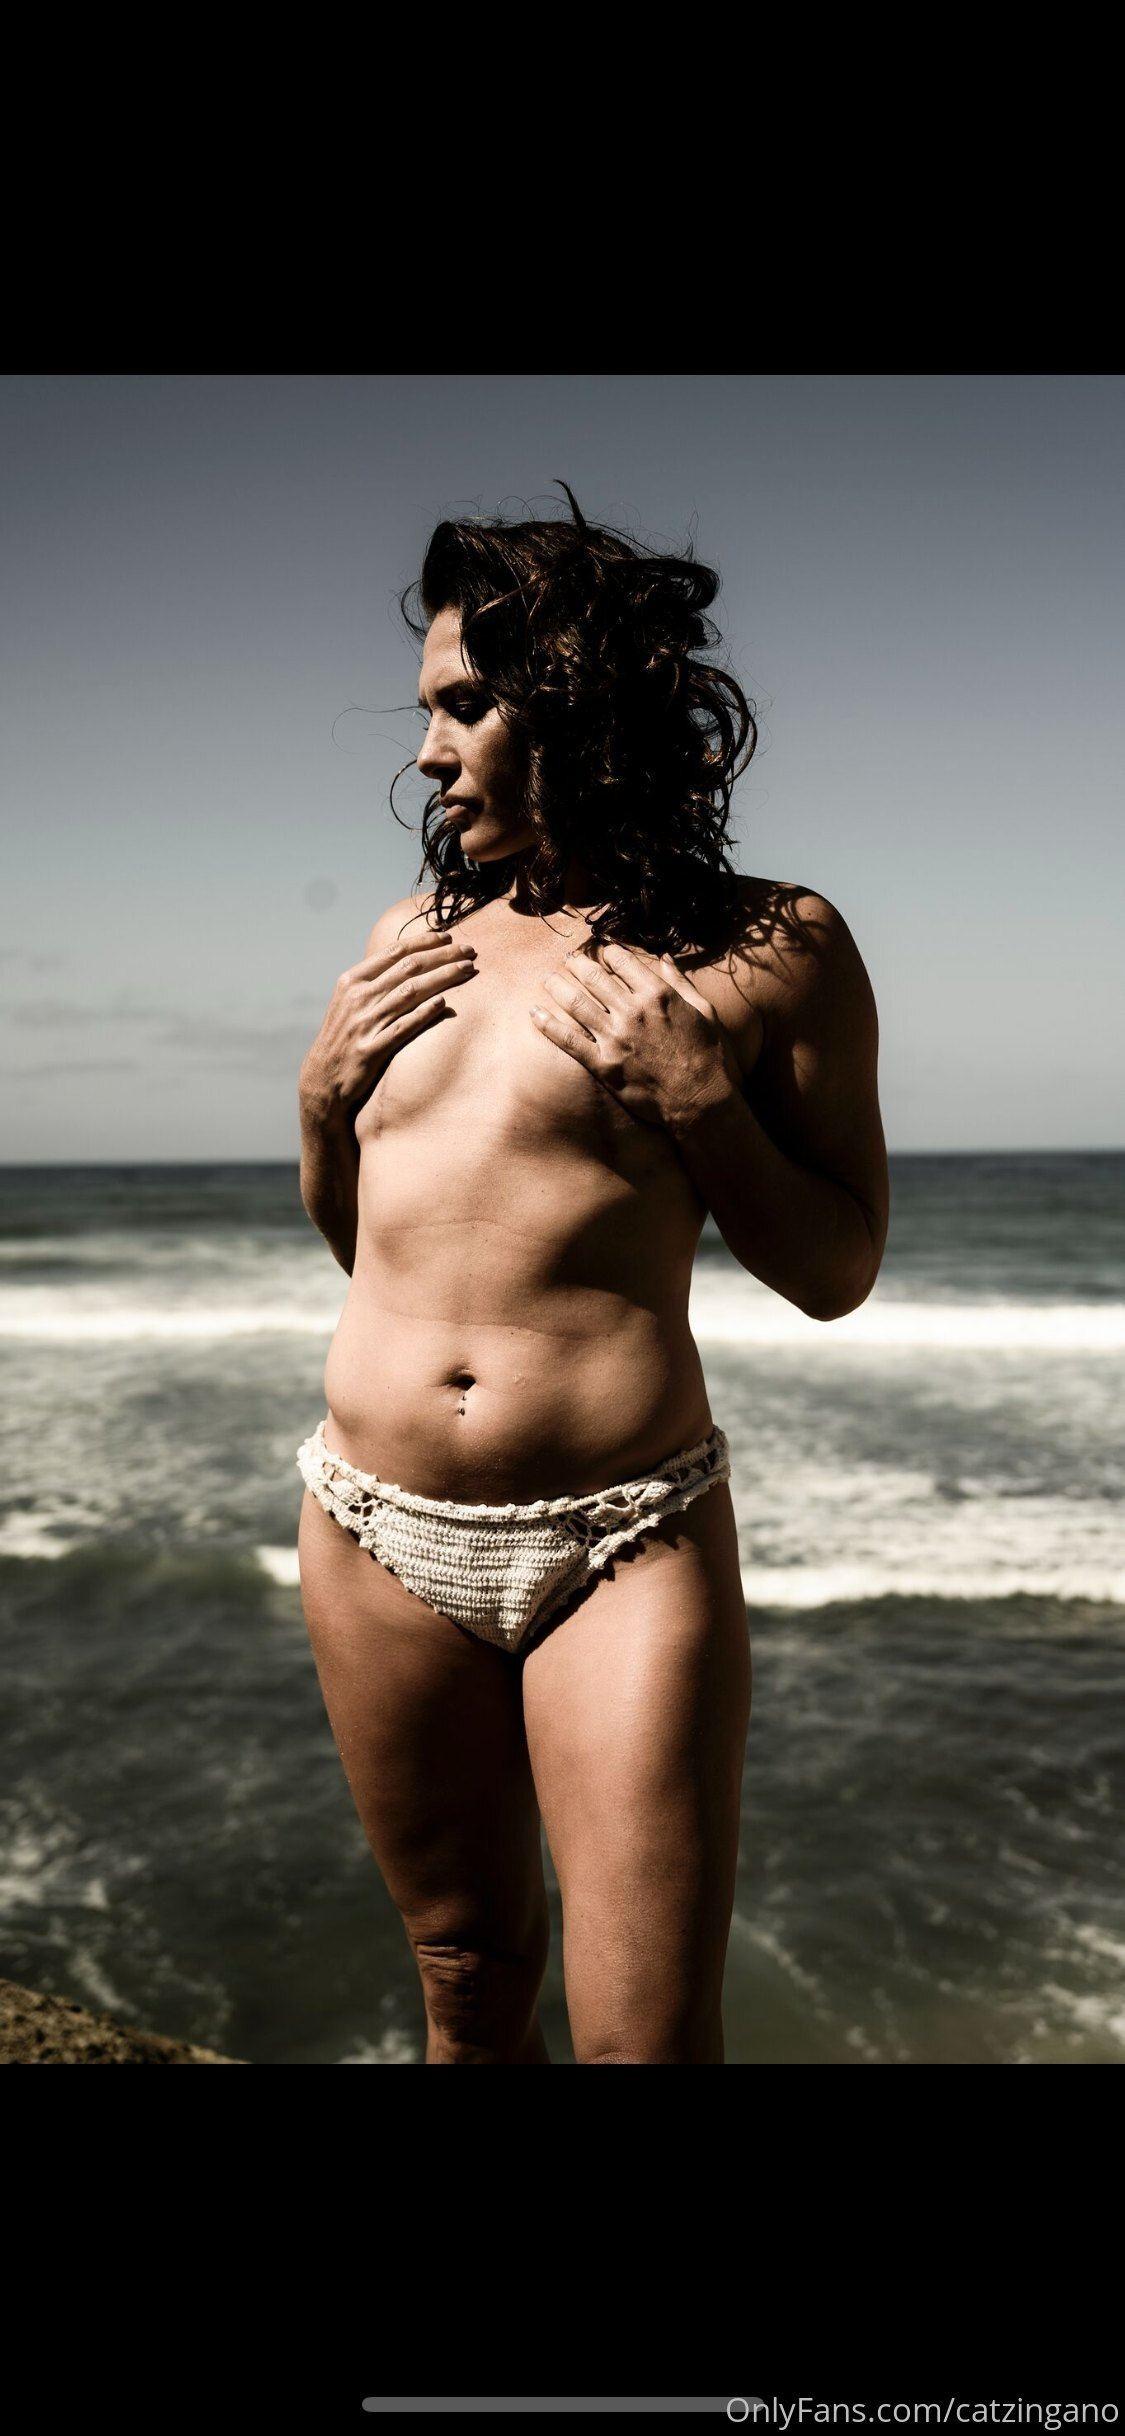 Cat Zingano Topless photo 14